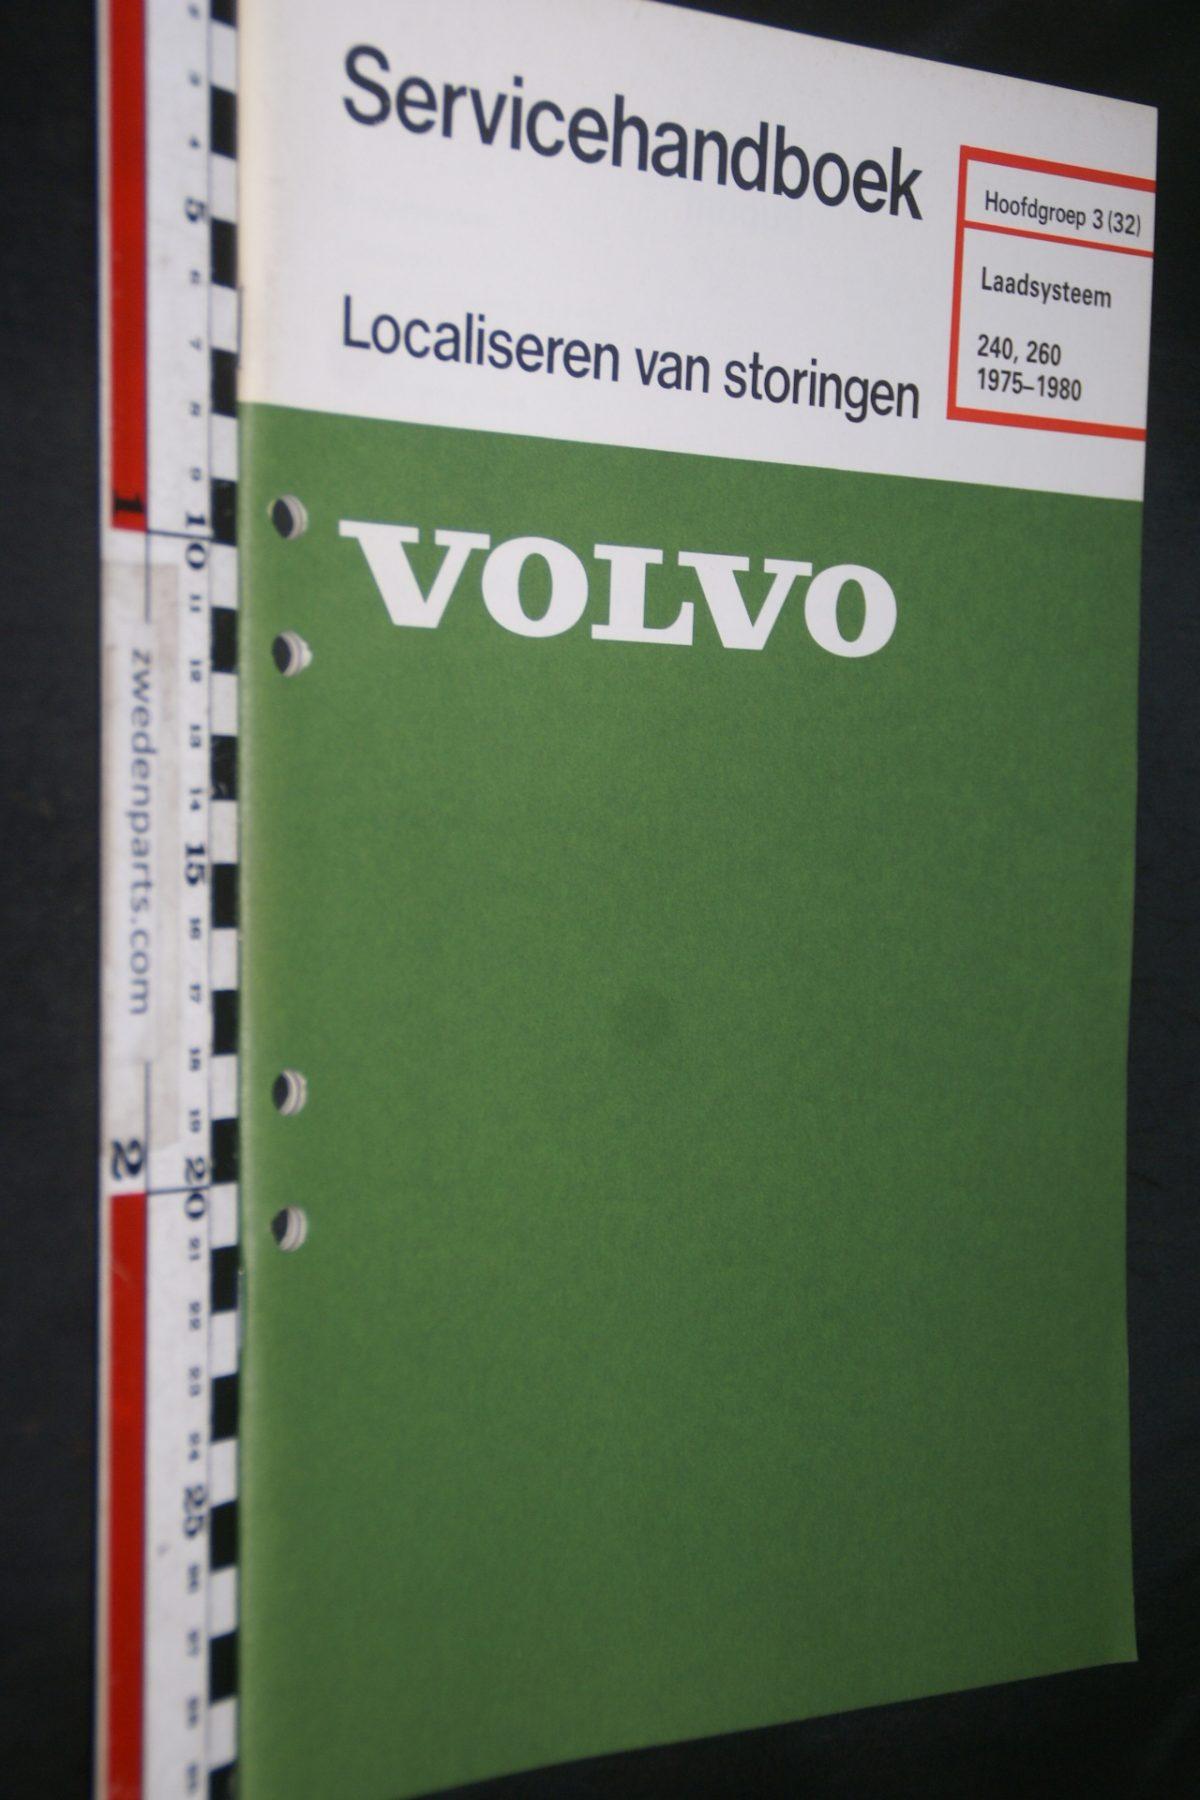 DSC06756 1980 origineel Volvo 240, 260 servicehandboek 3 (32) laadsysteem 1 van 800 TP 30122-1